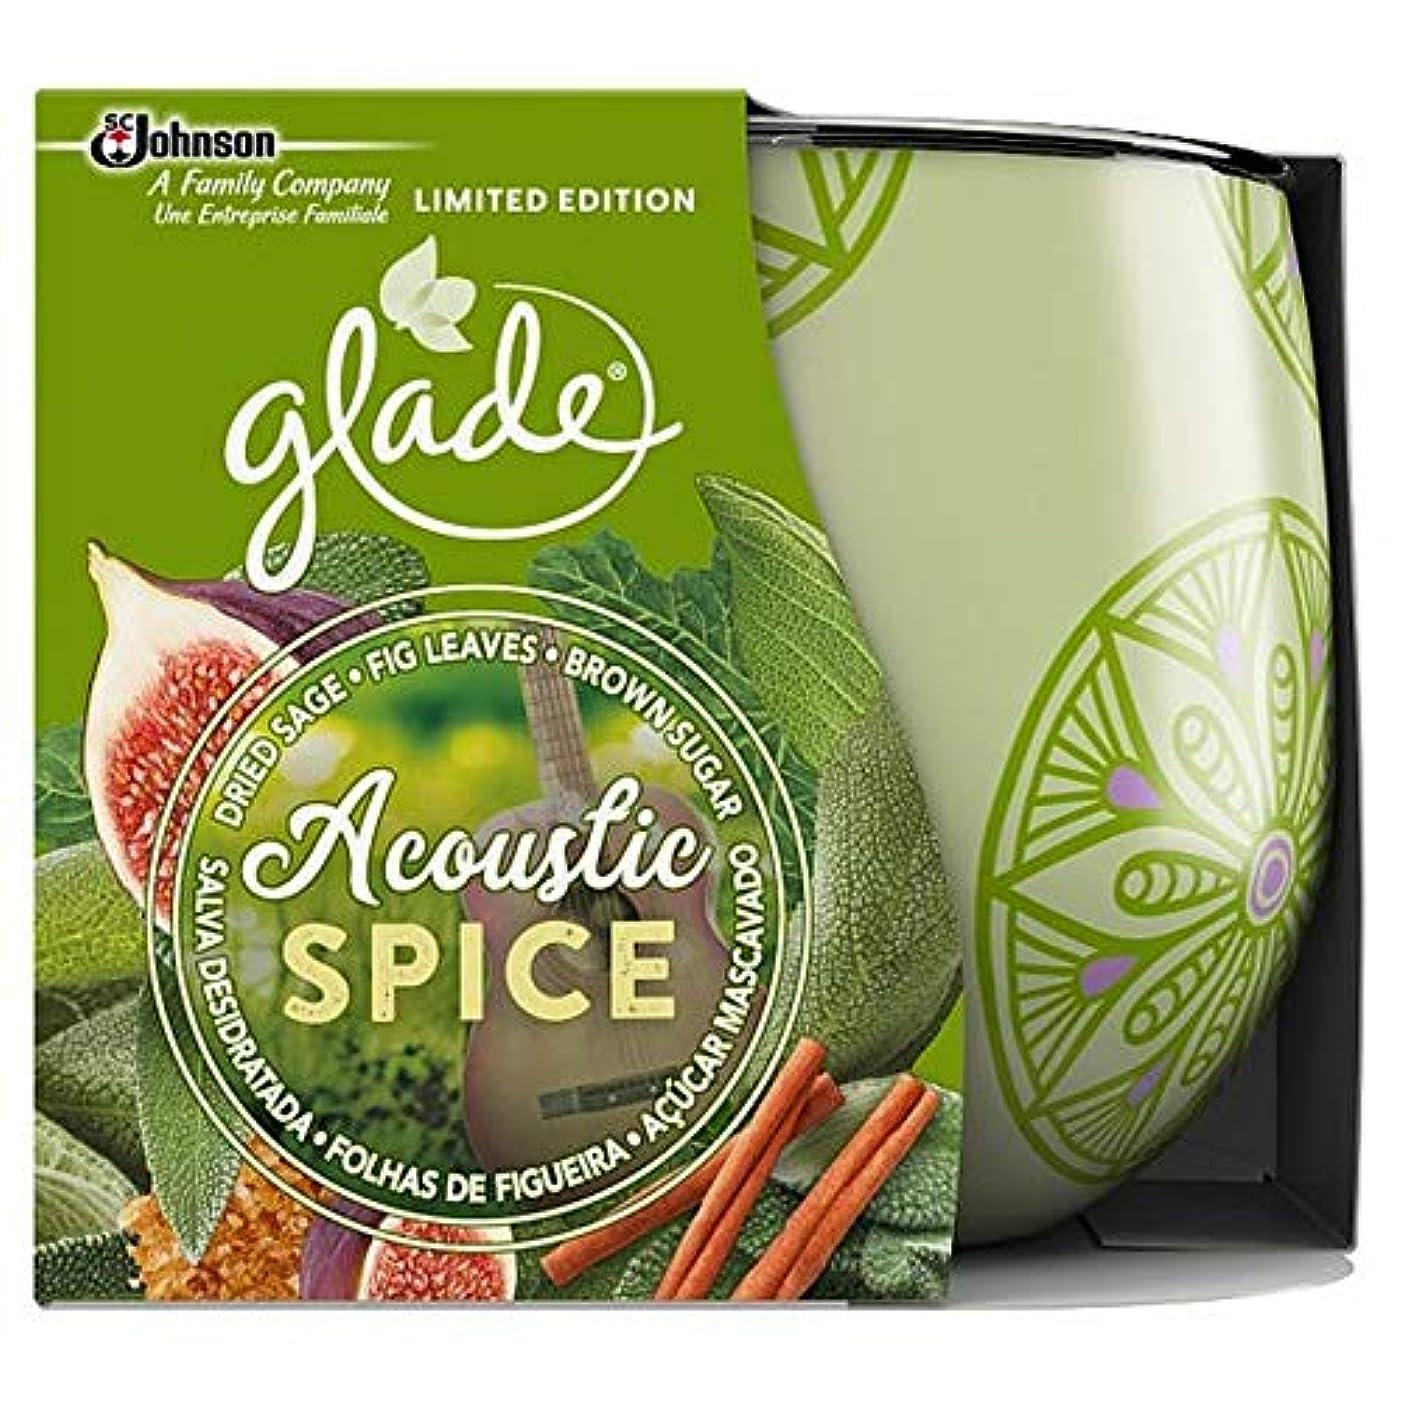 消える誰荒涼とした[Glade ] 音響スパイスキャンドル120グラムを空き地 - Glade Acoustic Spice Candle 120G [並行輸入品]